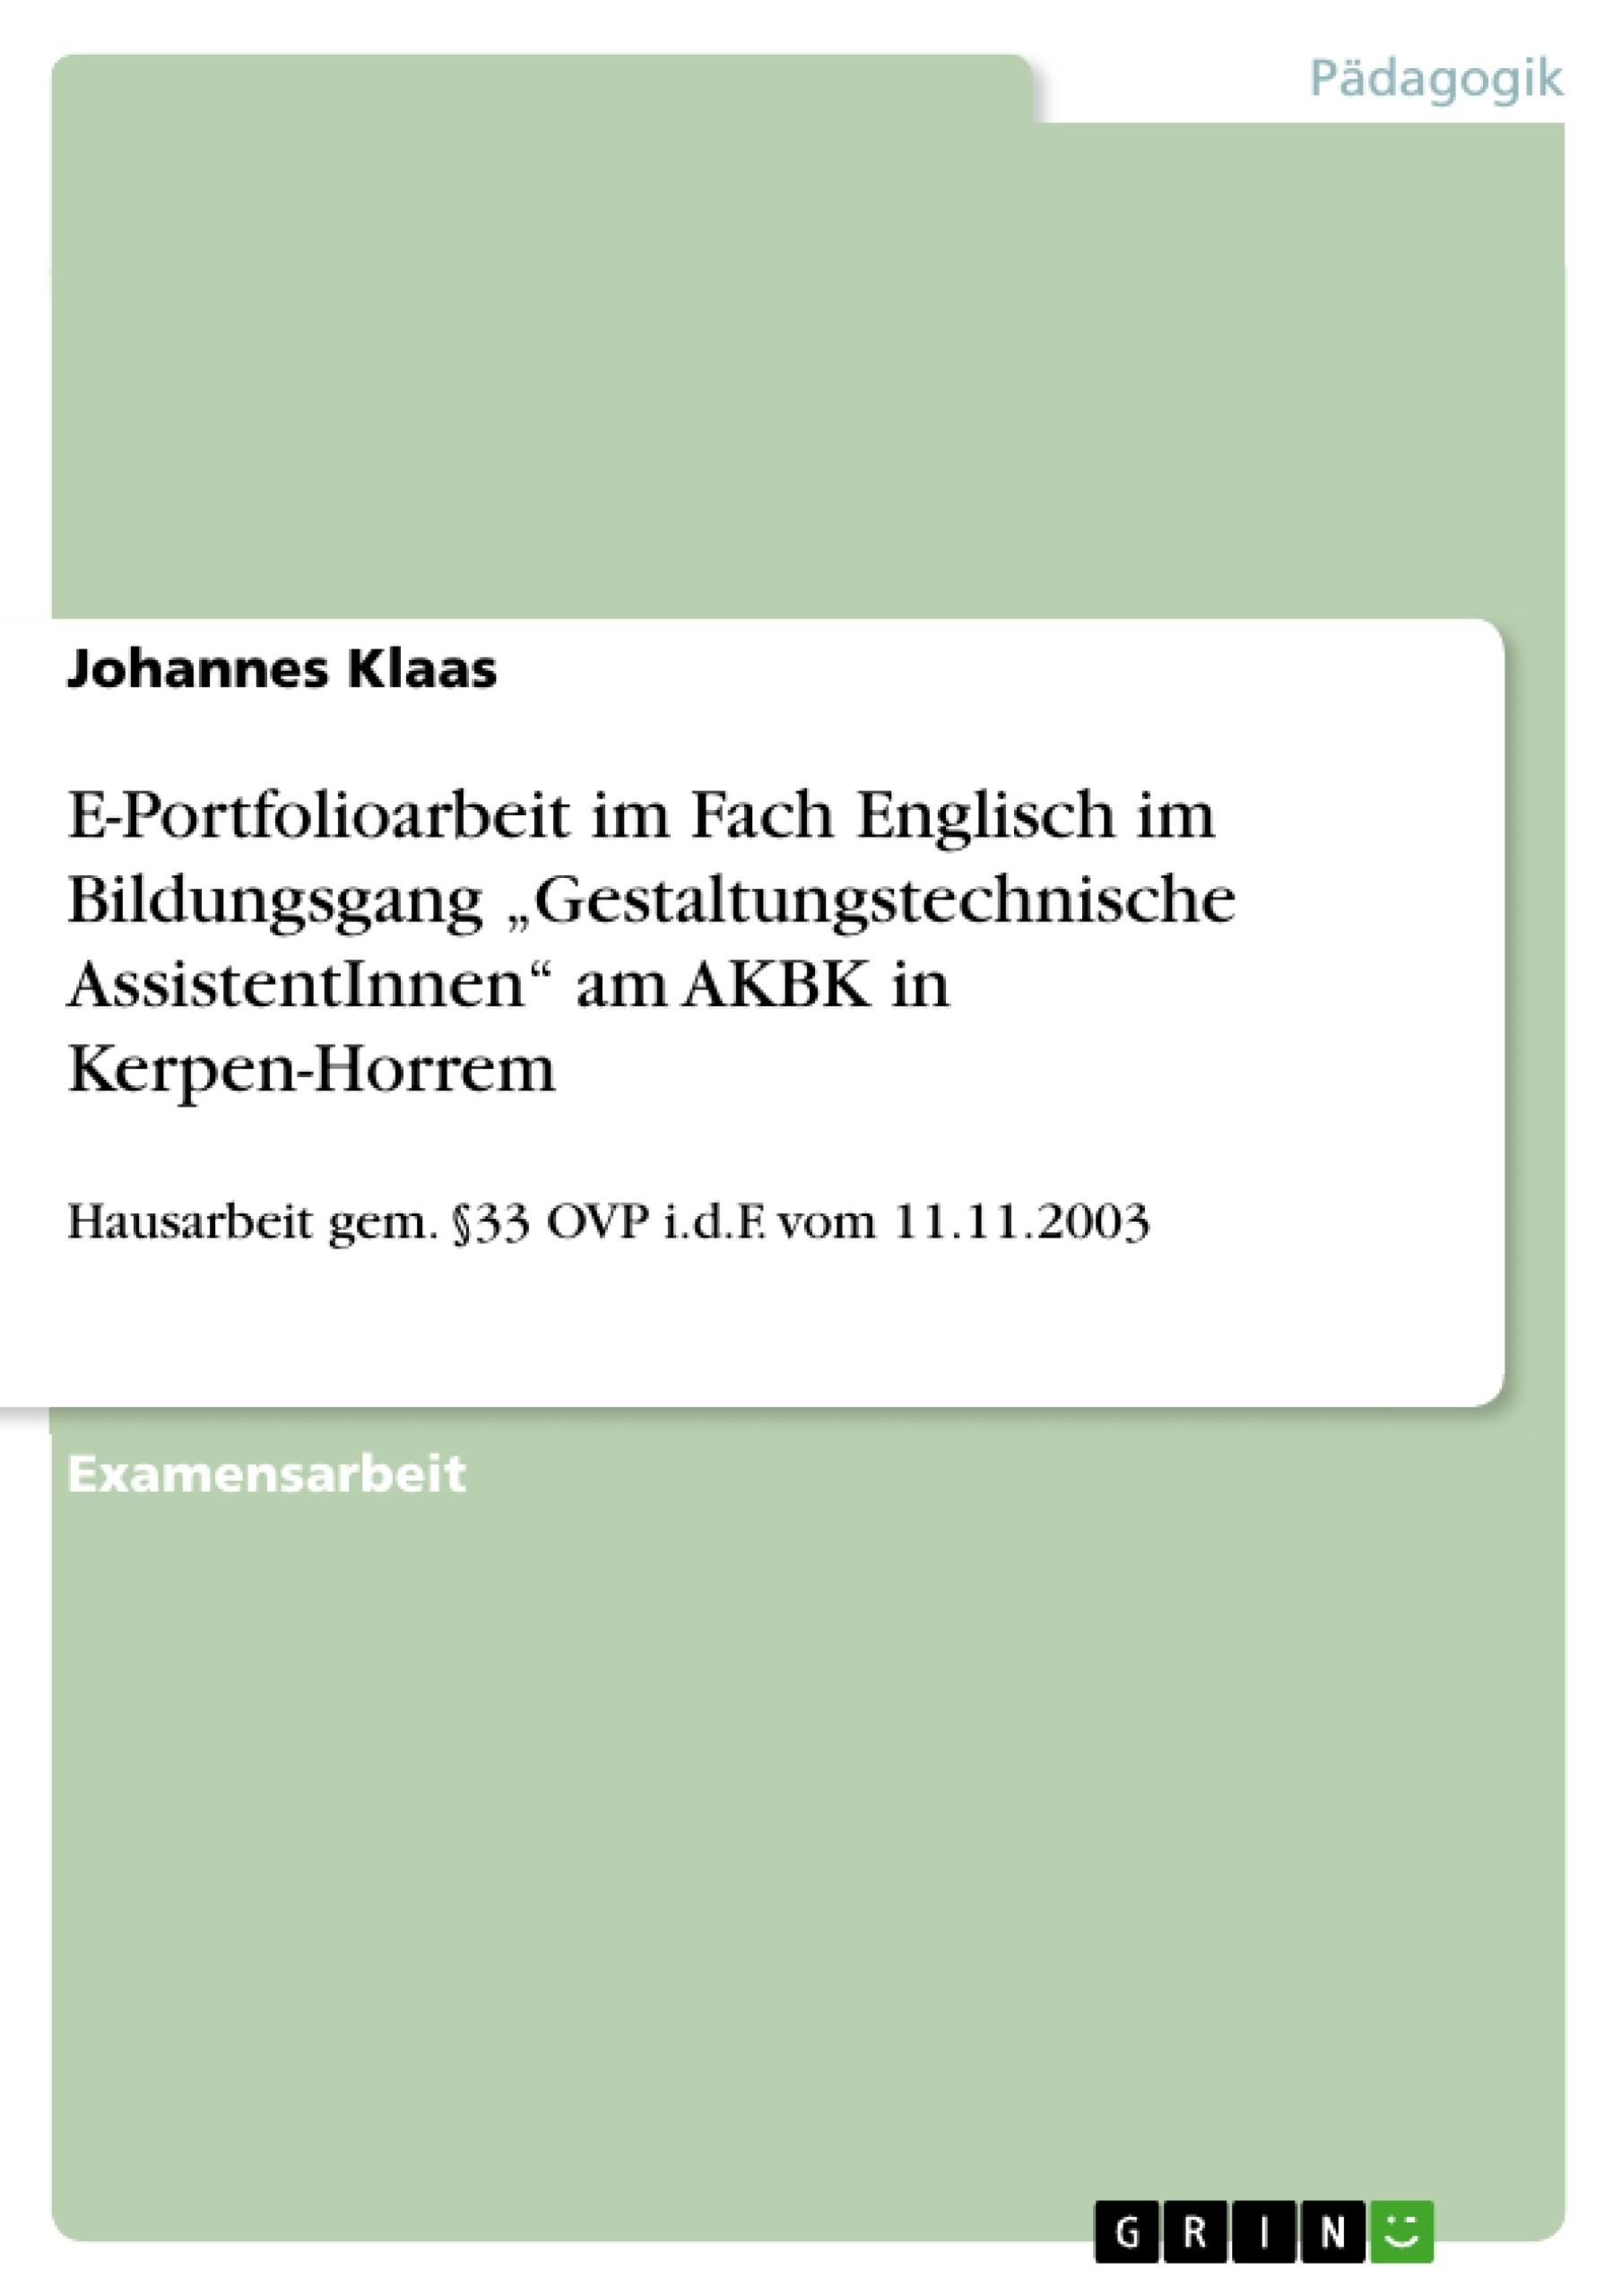 """Titel: E-Portfolioarbeit im Fach Englisch im Bildungsgang """"Gestaltungstechnische AssistentInnen"""" am AKBK in Kerpen-Horrem"""